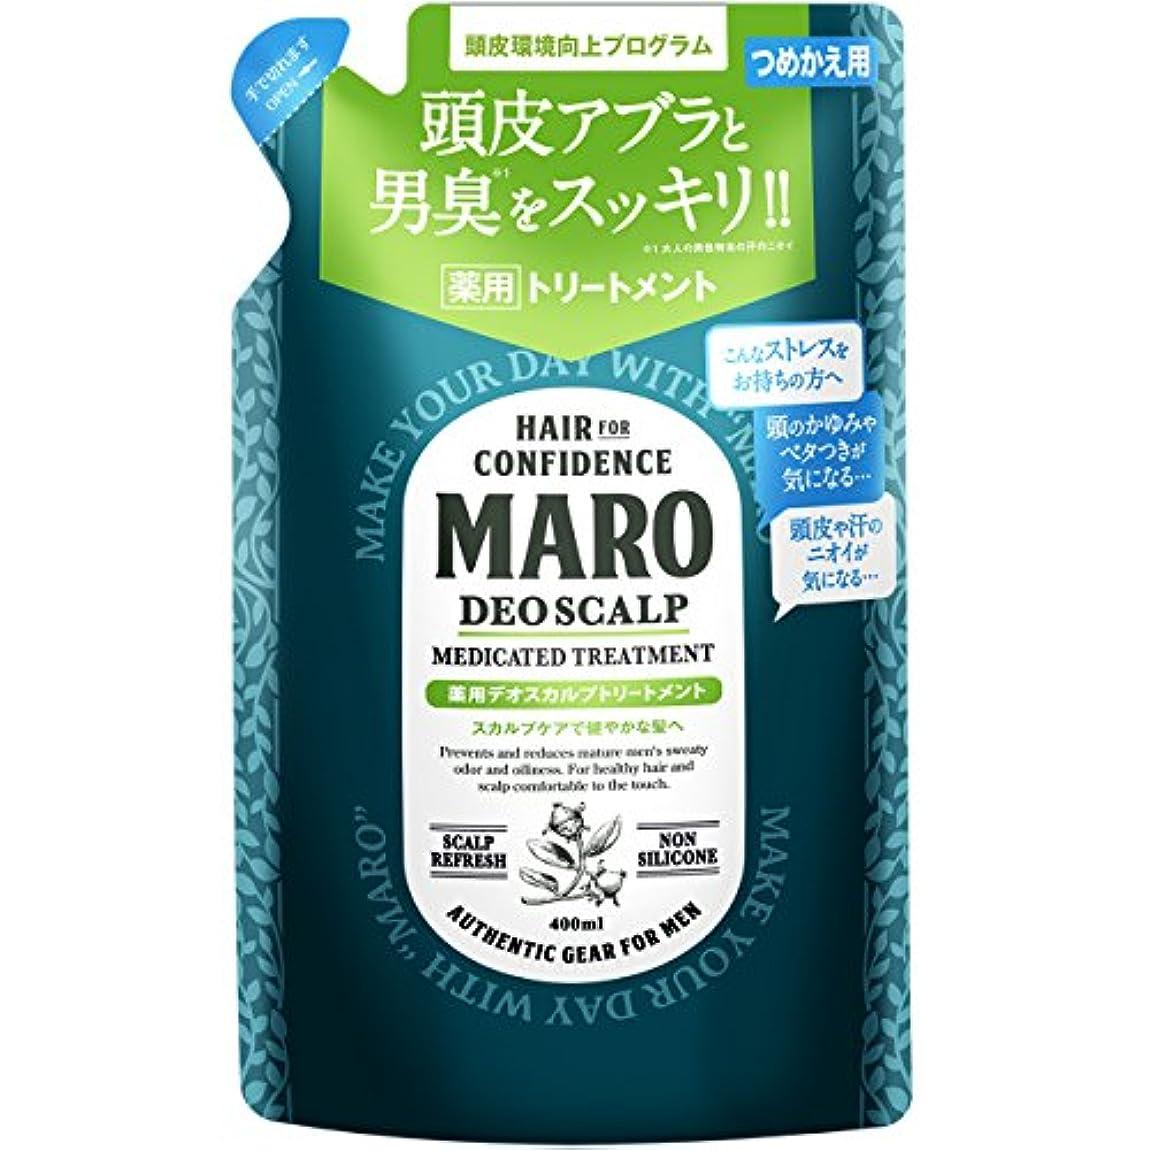 詳細に連鎖渇きMARO 薬用 デオスカルプ トリートメント 詰め替え 400ml 【医薬部外品】